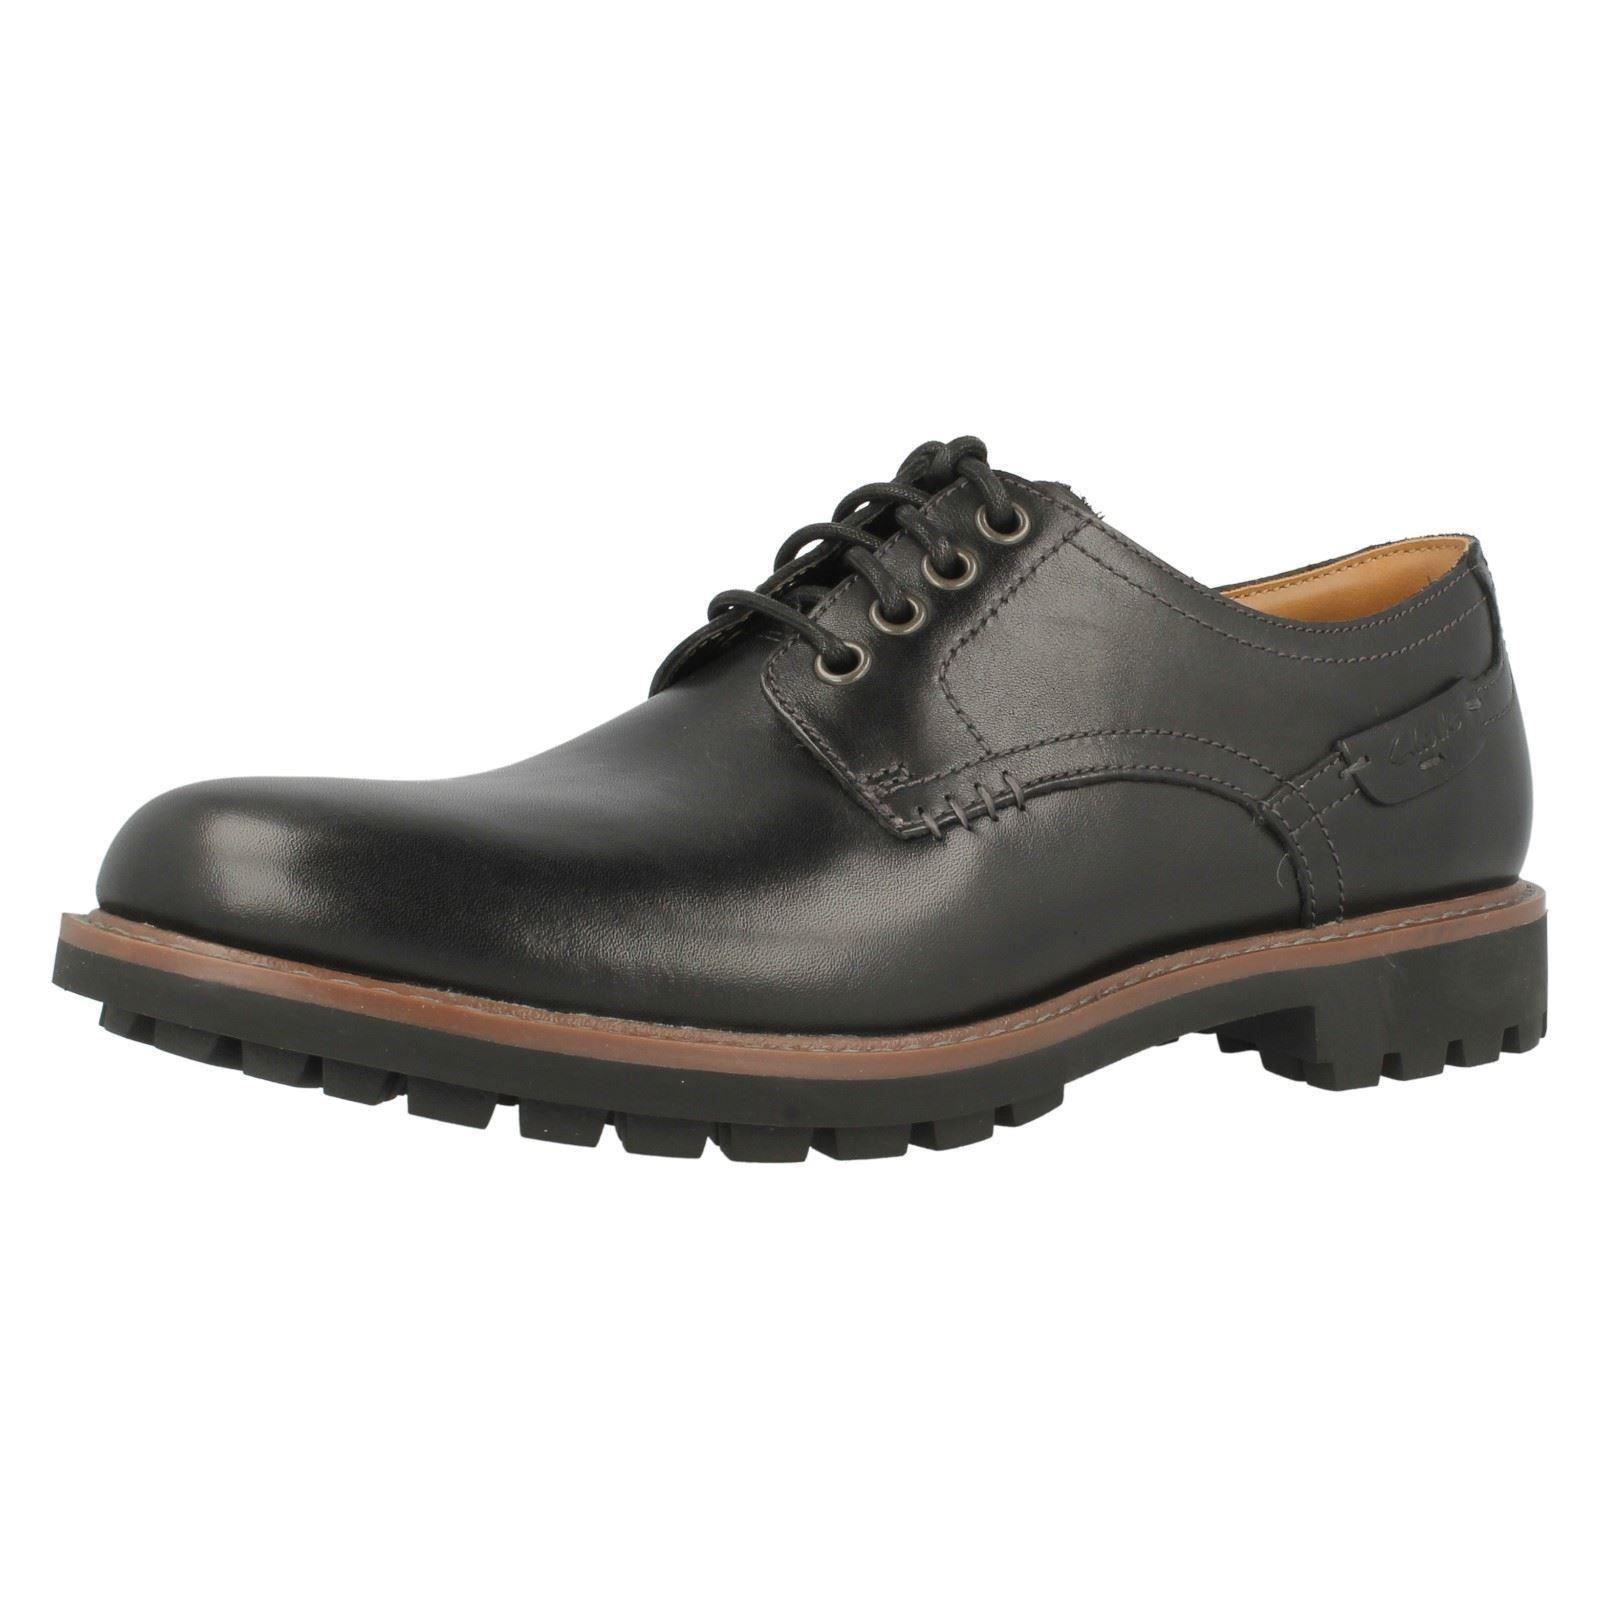 Clarks MONTACUTE HALL En Cuir Noir Lacets Décontractées Chaussures Derby